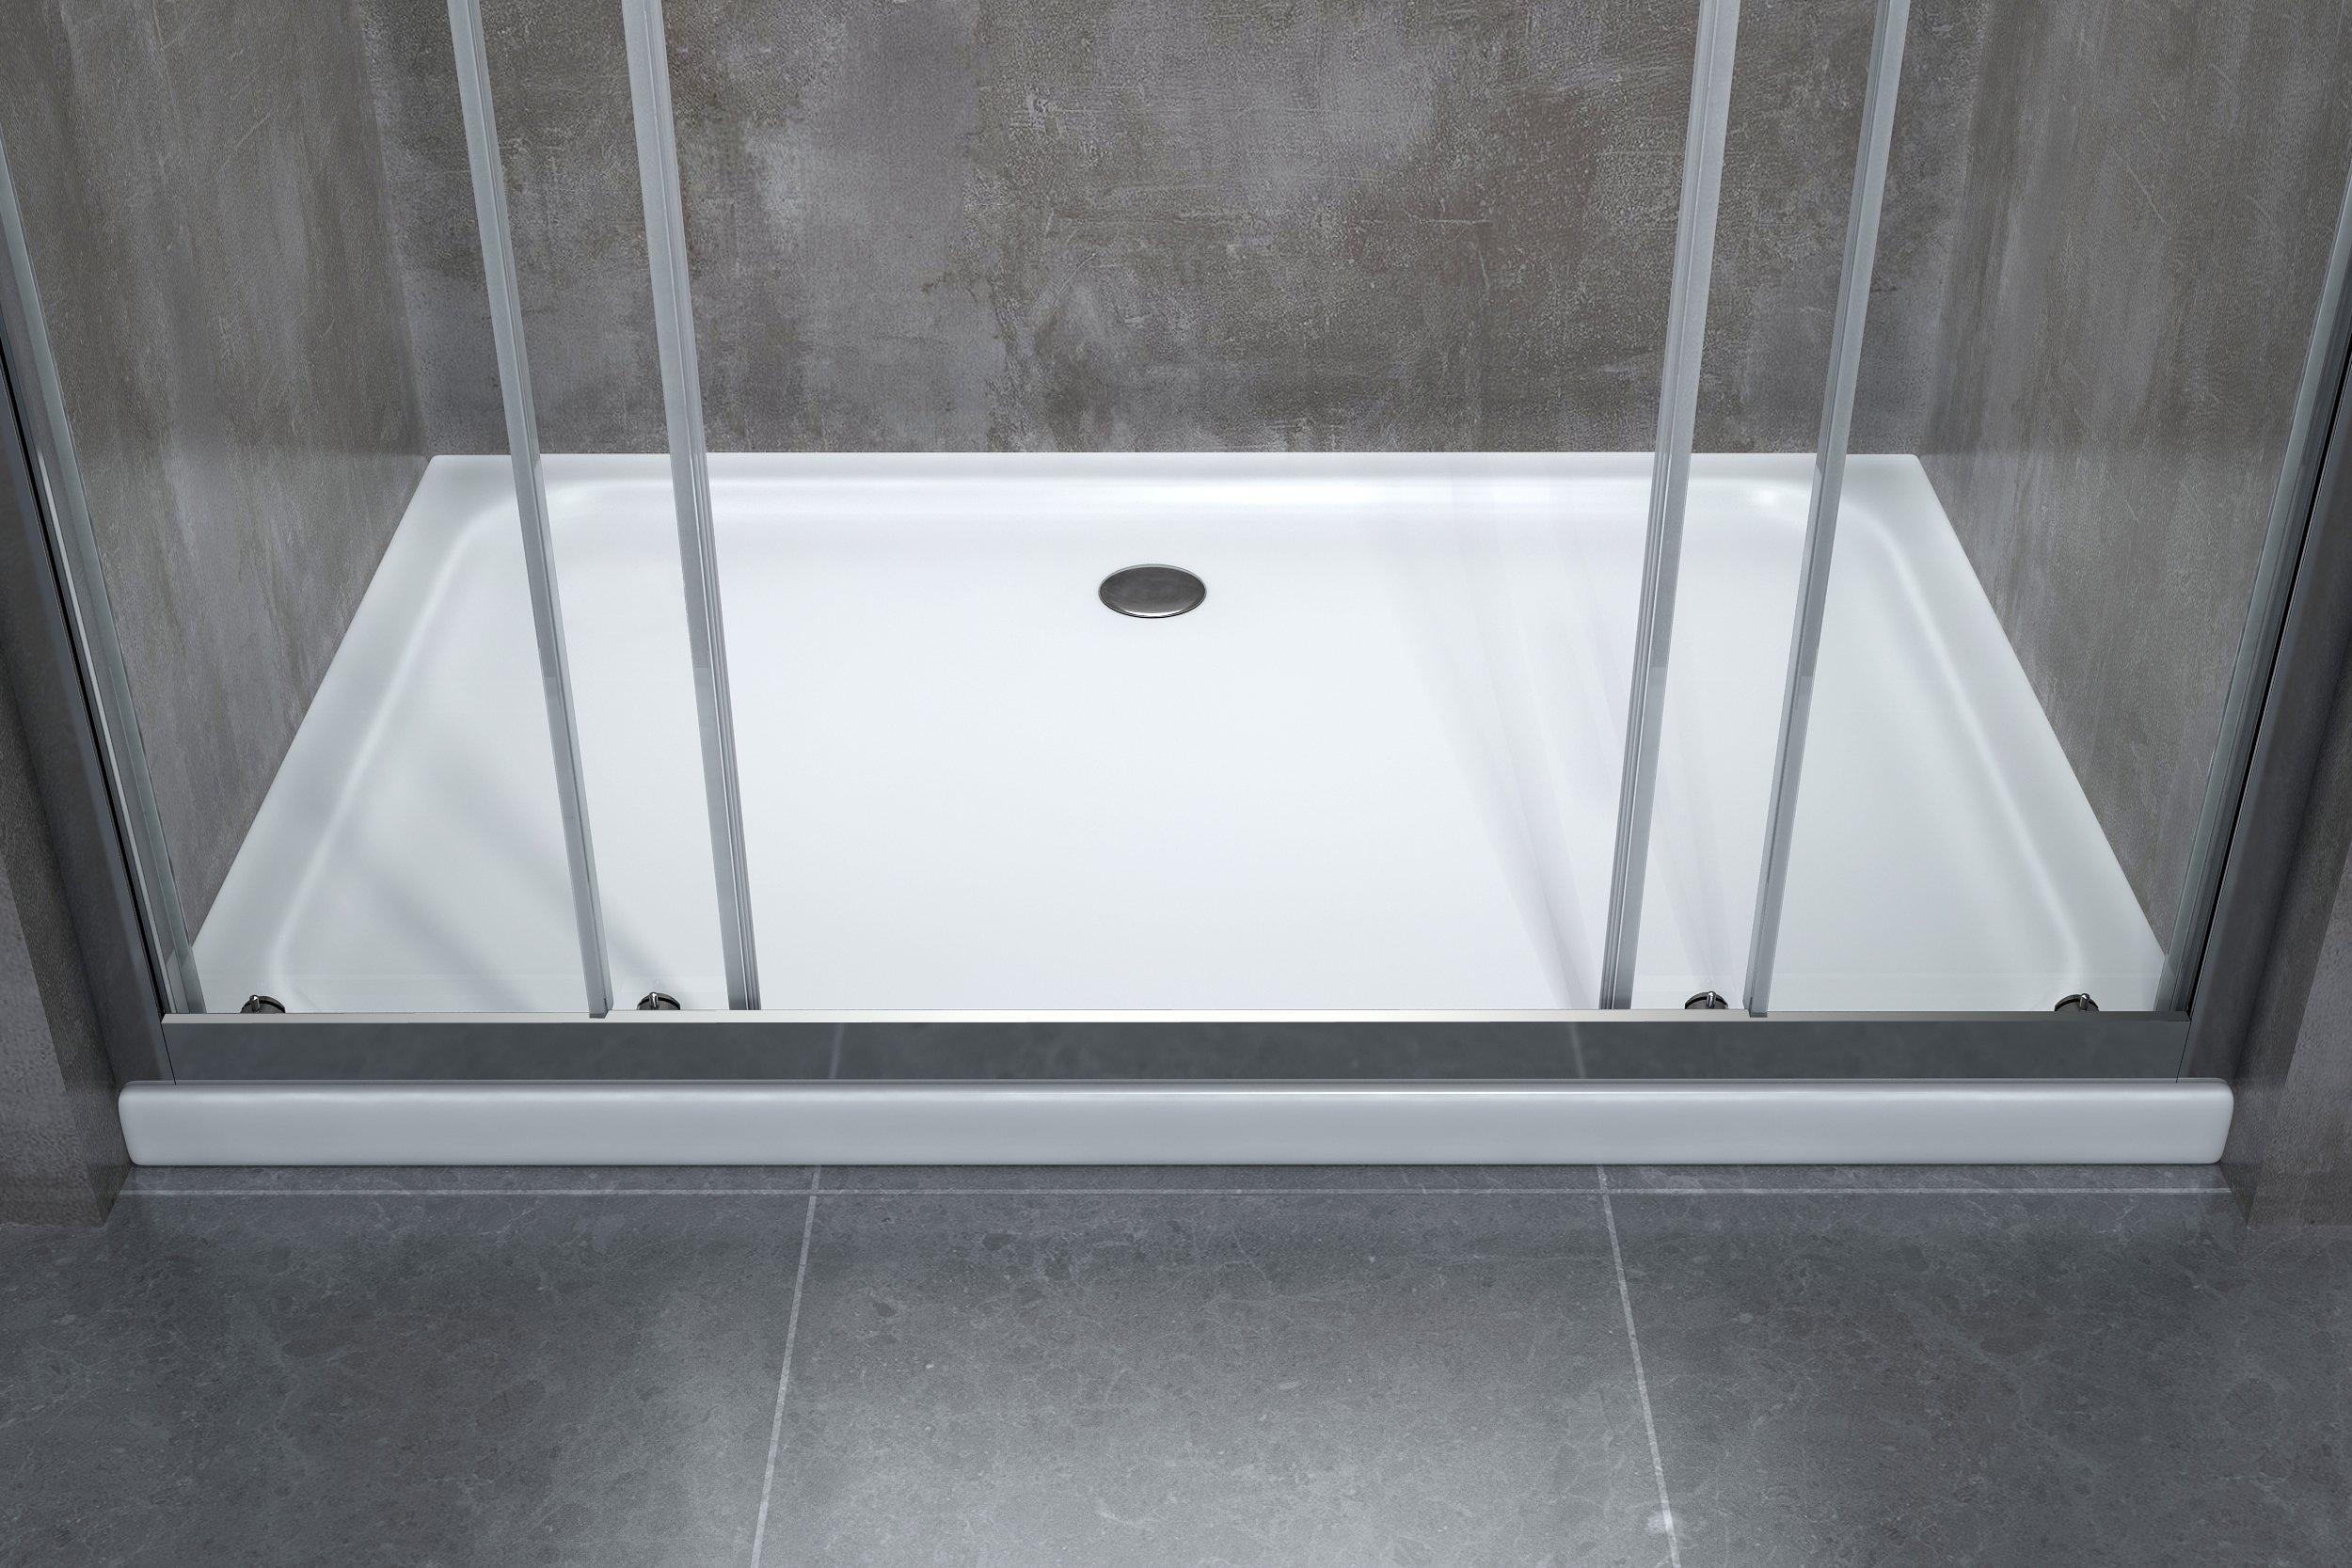 Sostituzione vasca con doccia soluzioni leroy merlin con vasca